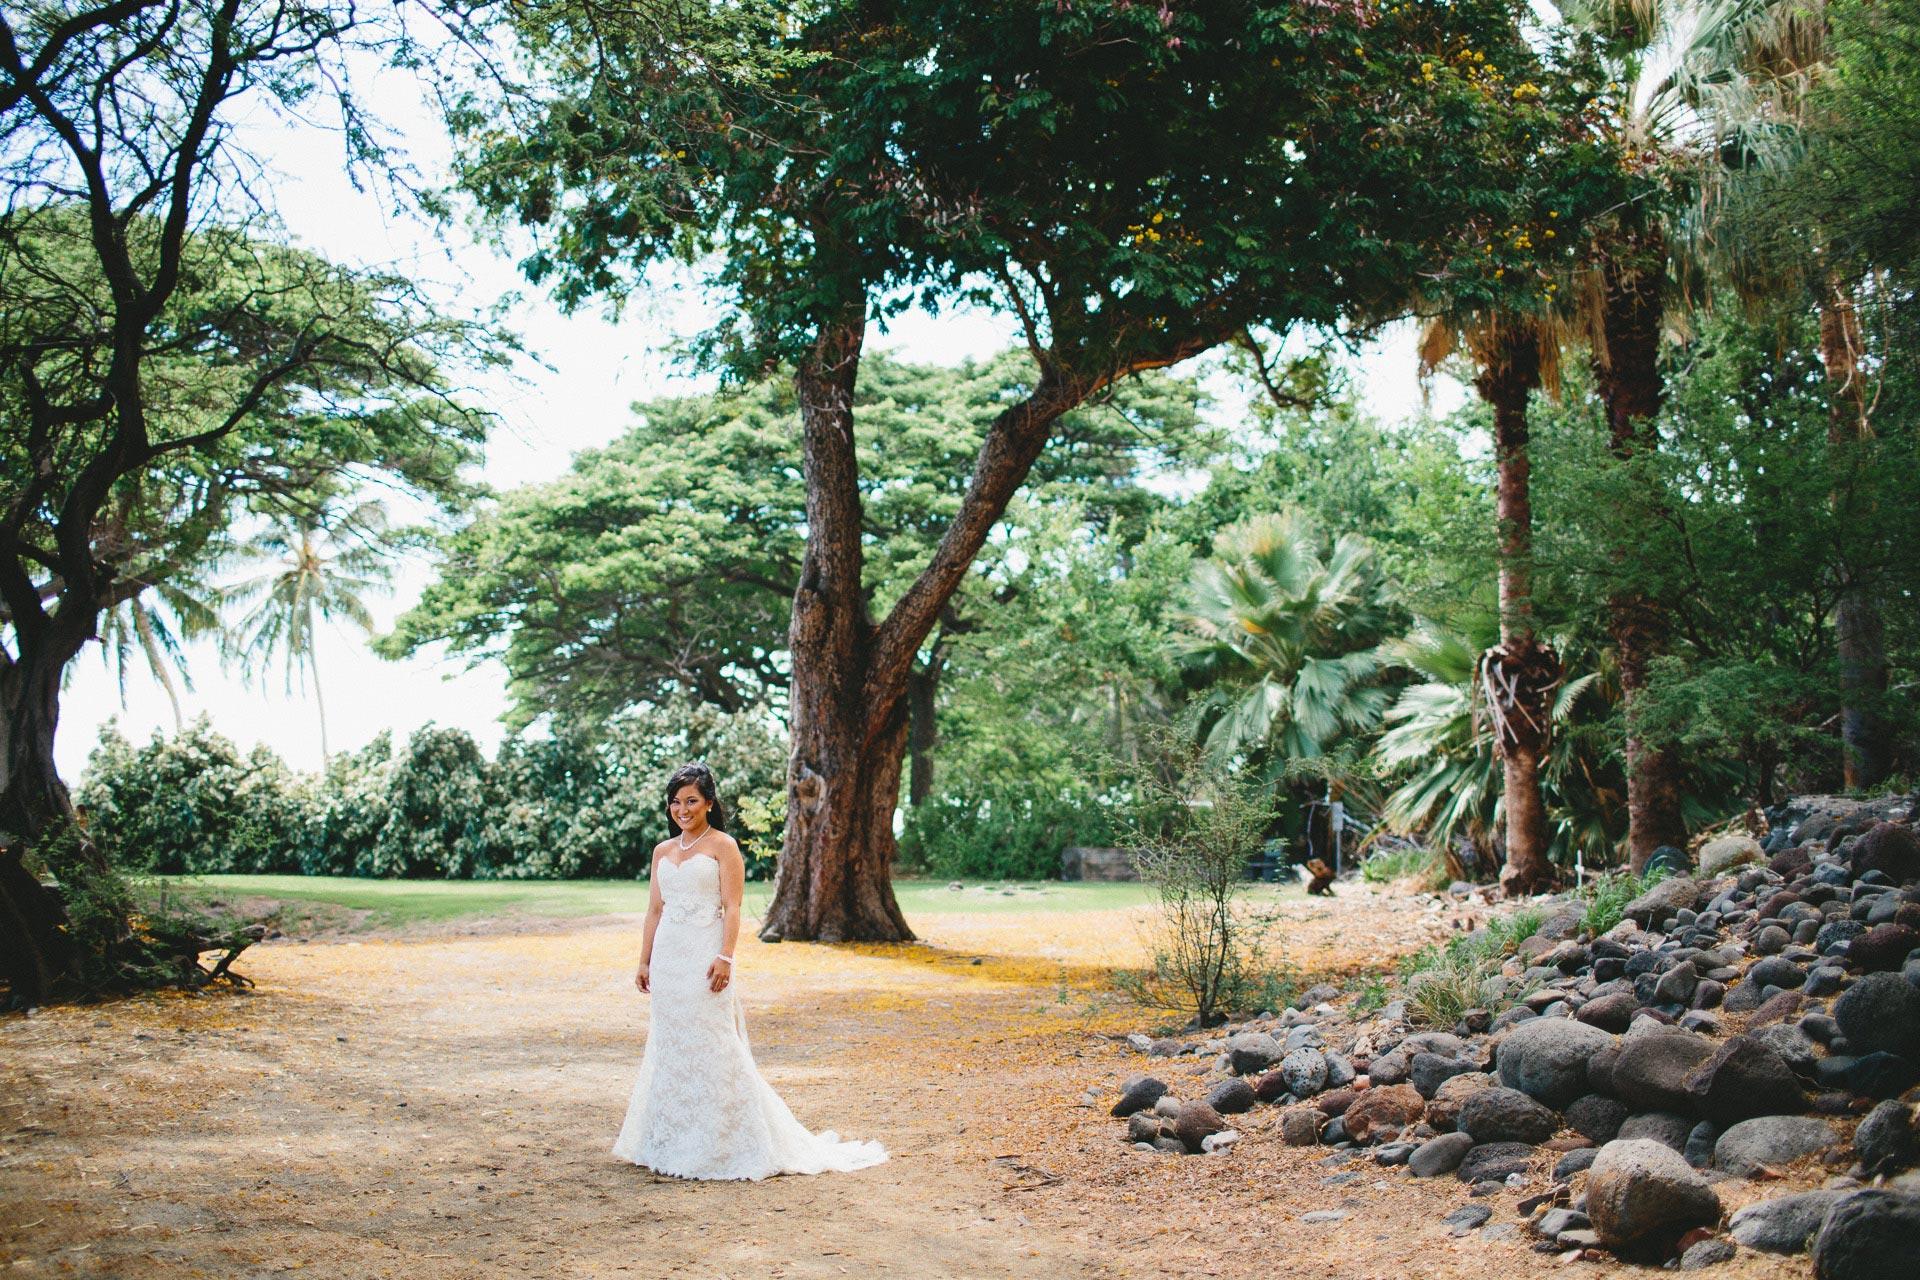 KW-Maui-Hawaii-Wedding-052@2x.jpg